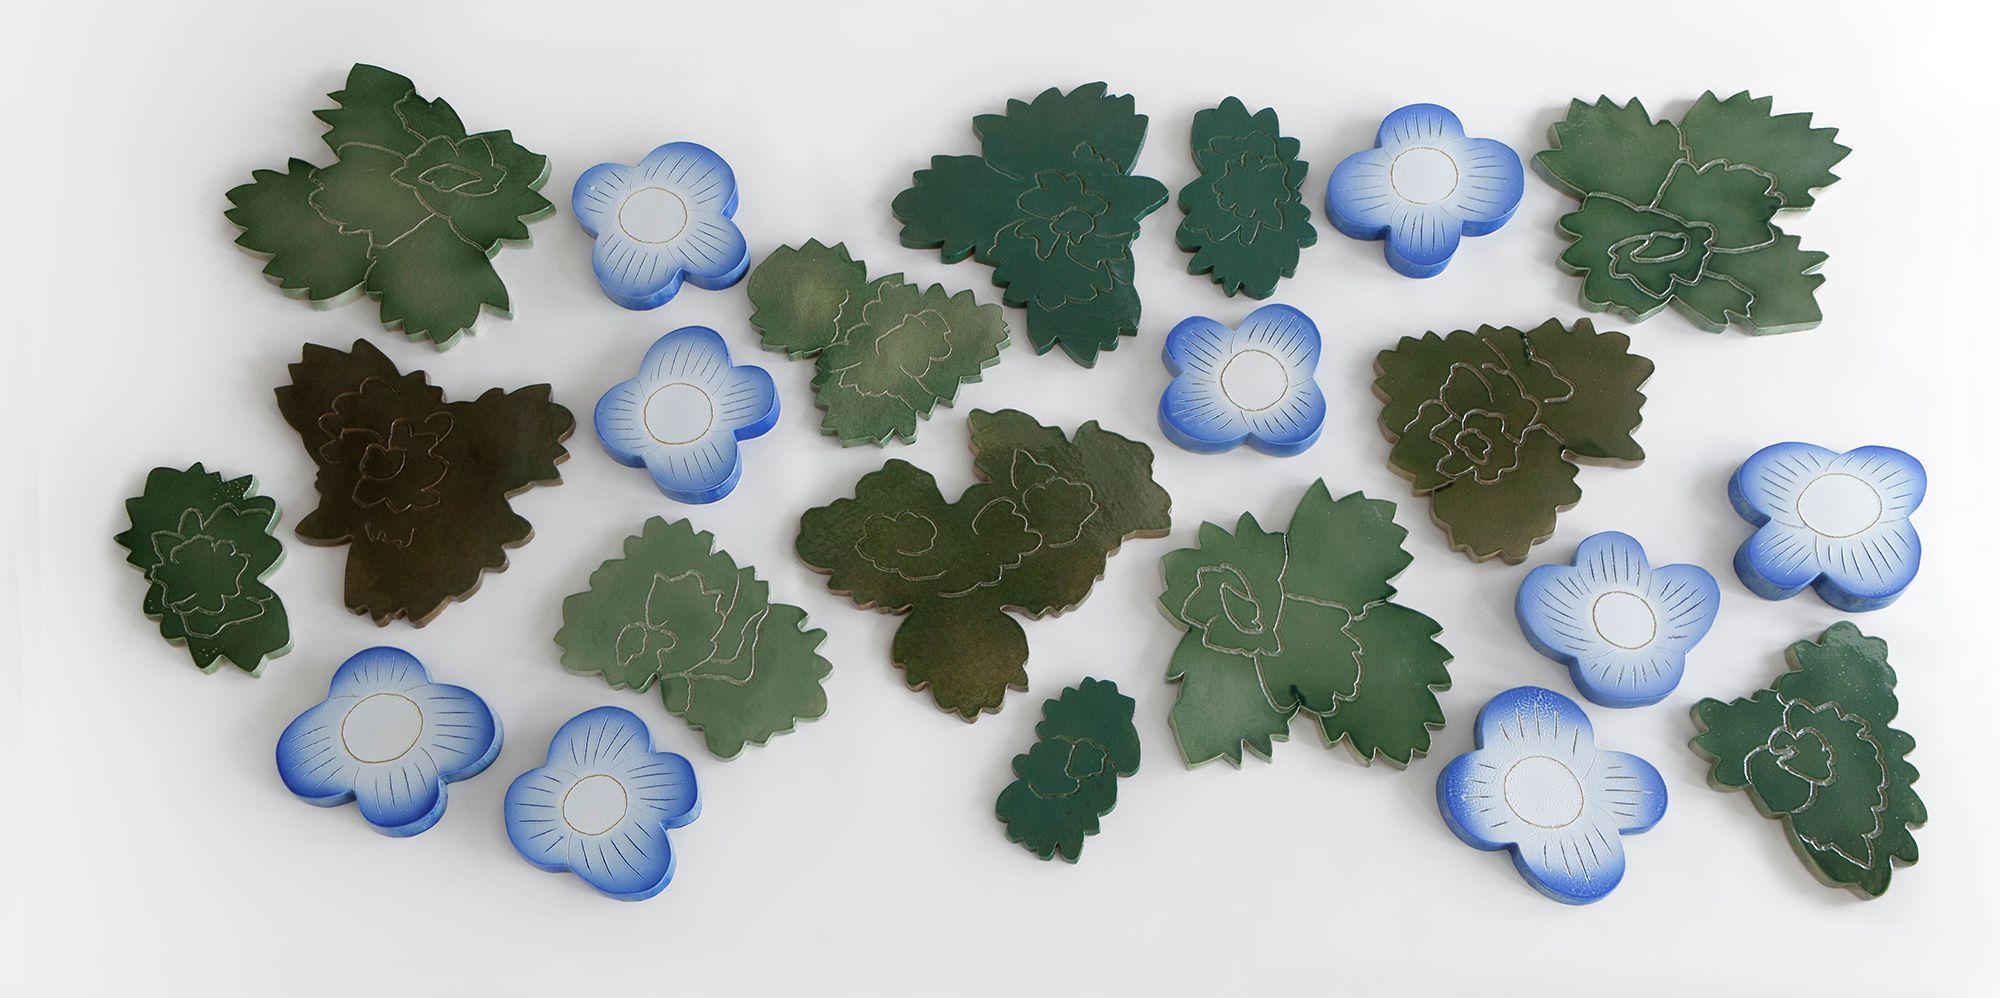 オオイヌノフグリの葉や花をモチーフにした作品。